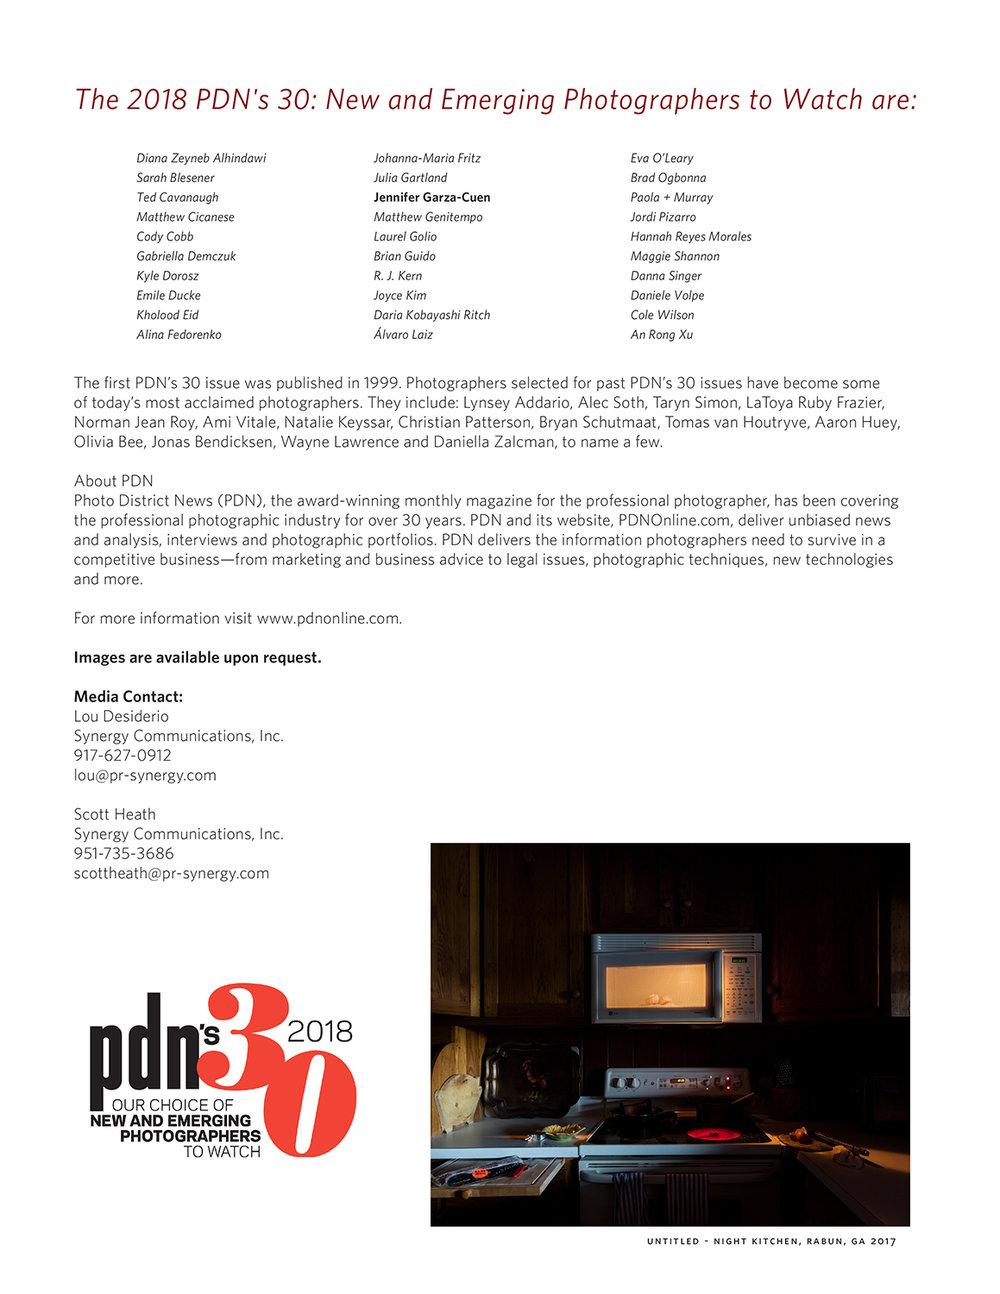 PDN 30 2018 Press Release-2.jpg